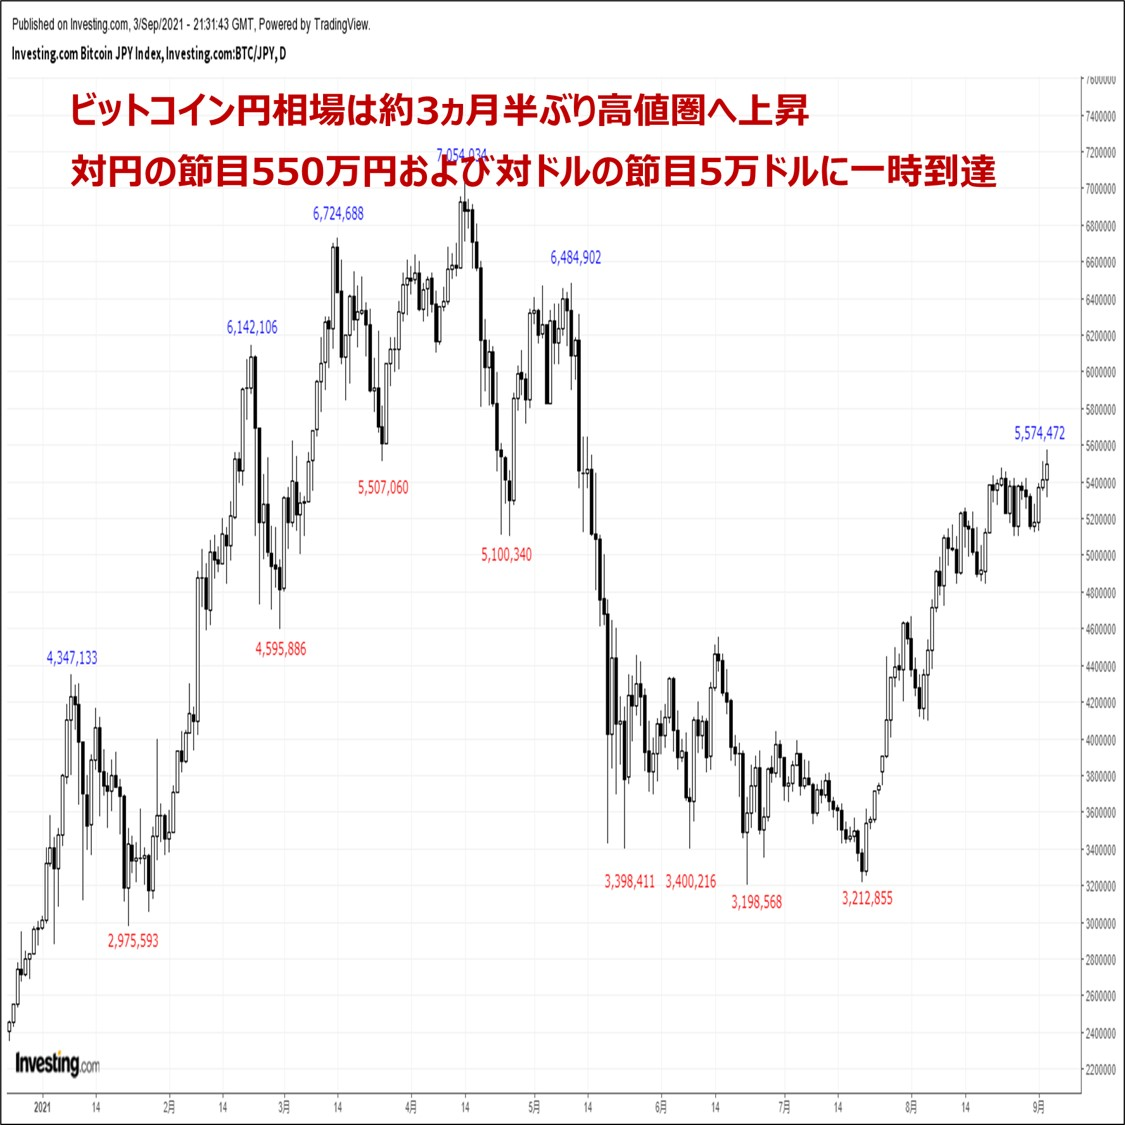 ビットコインの価格分析:『約3ヵ月半ぶり高値圏へ急上昇。来週も堅調推移が継続か』(9/4)